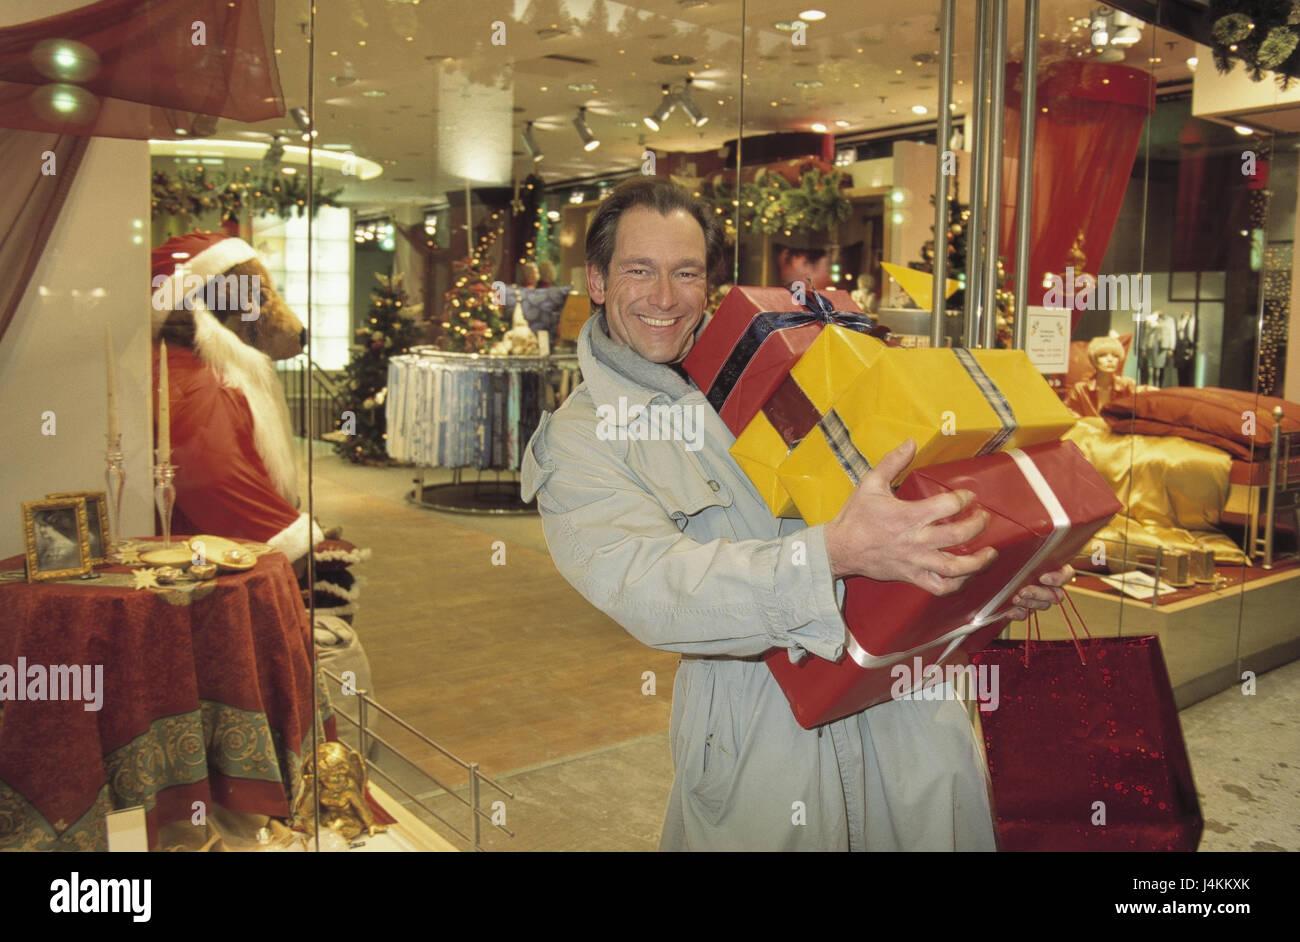 Weihnachten, Mann, macht Einkäufe, Weihnachtsgeschenke glücklich ...